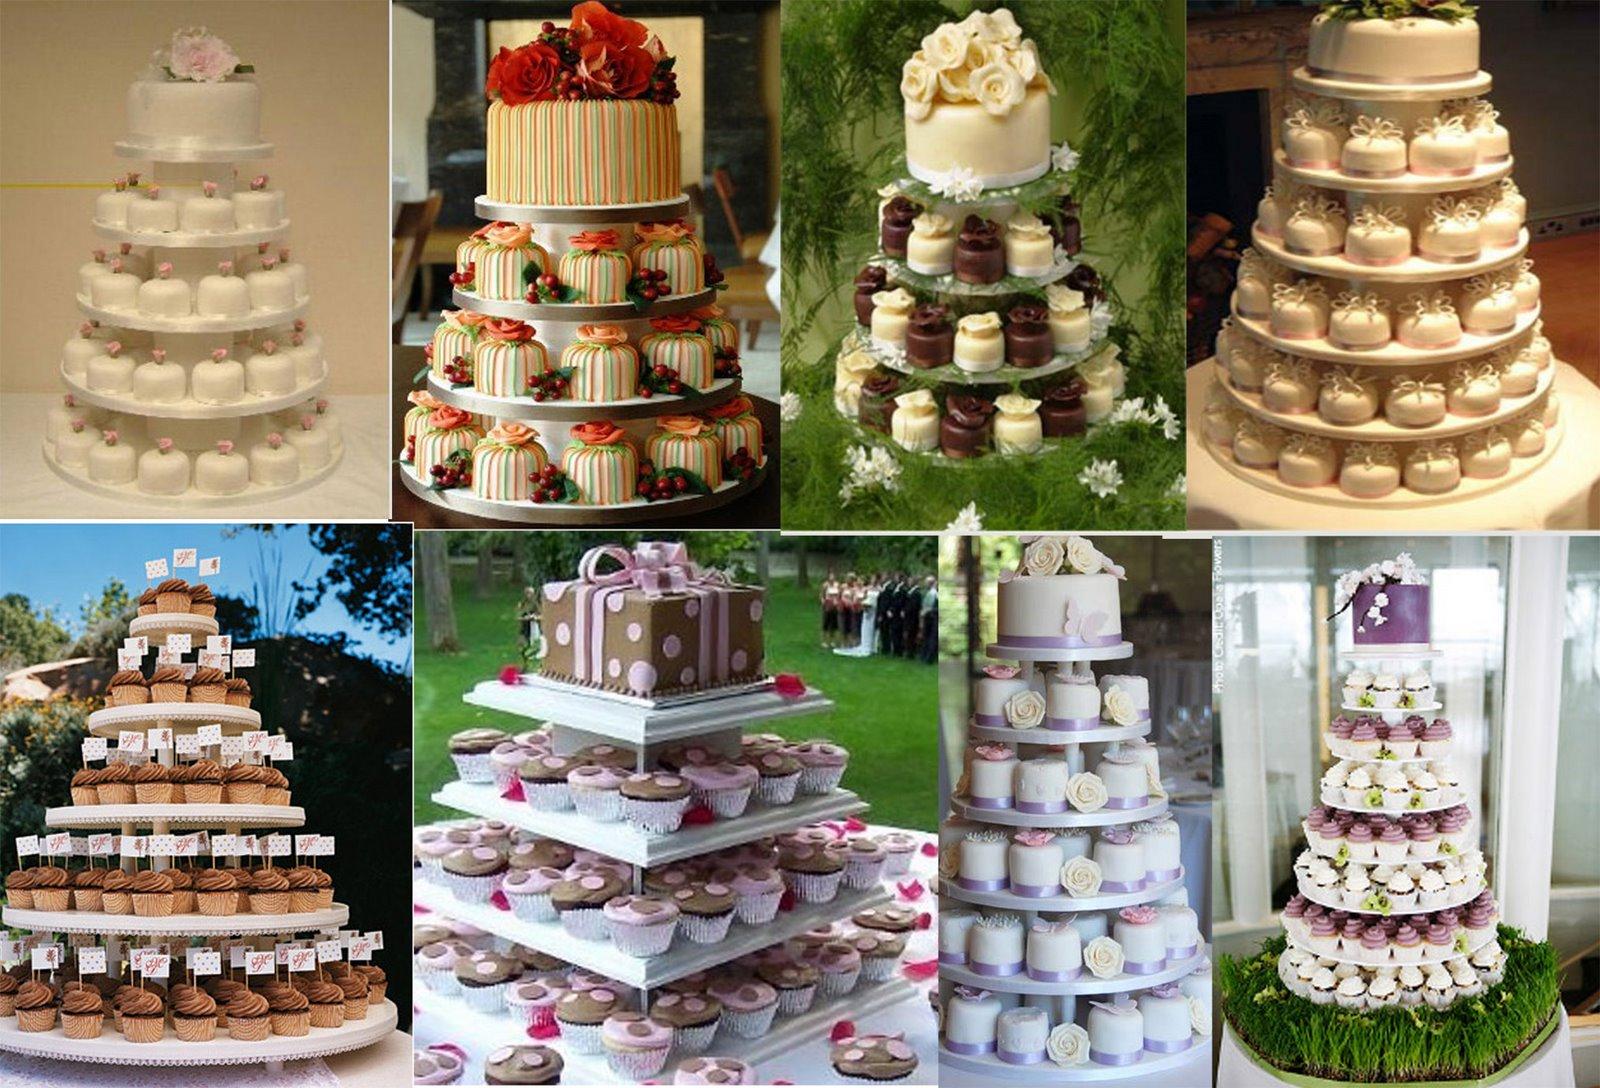 mesas-de-casamento-decoradas-com-cupcakes-10